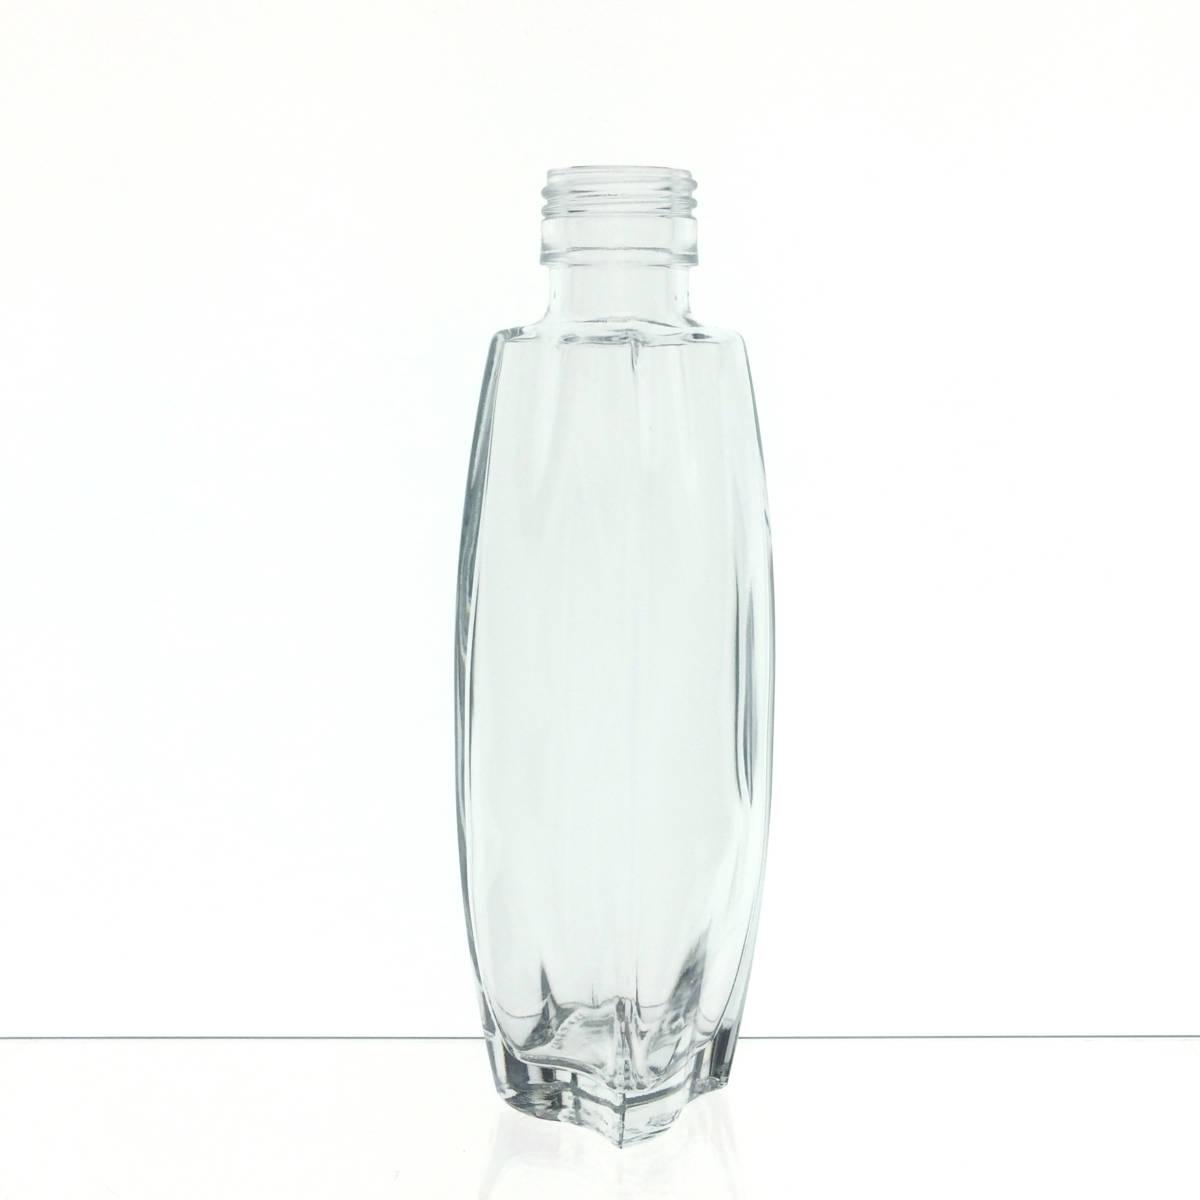 ハーバリウム瓶 パルファム200ml 4本 ♪♪_画像2